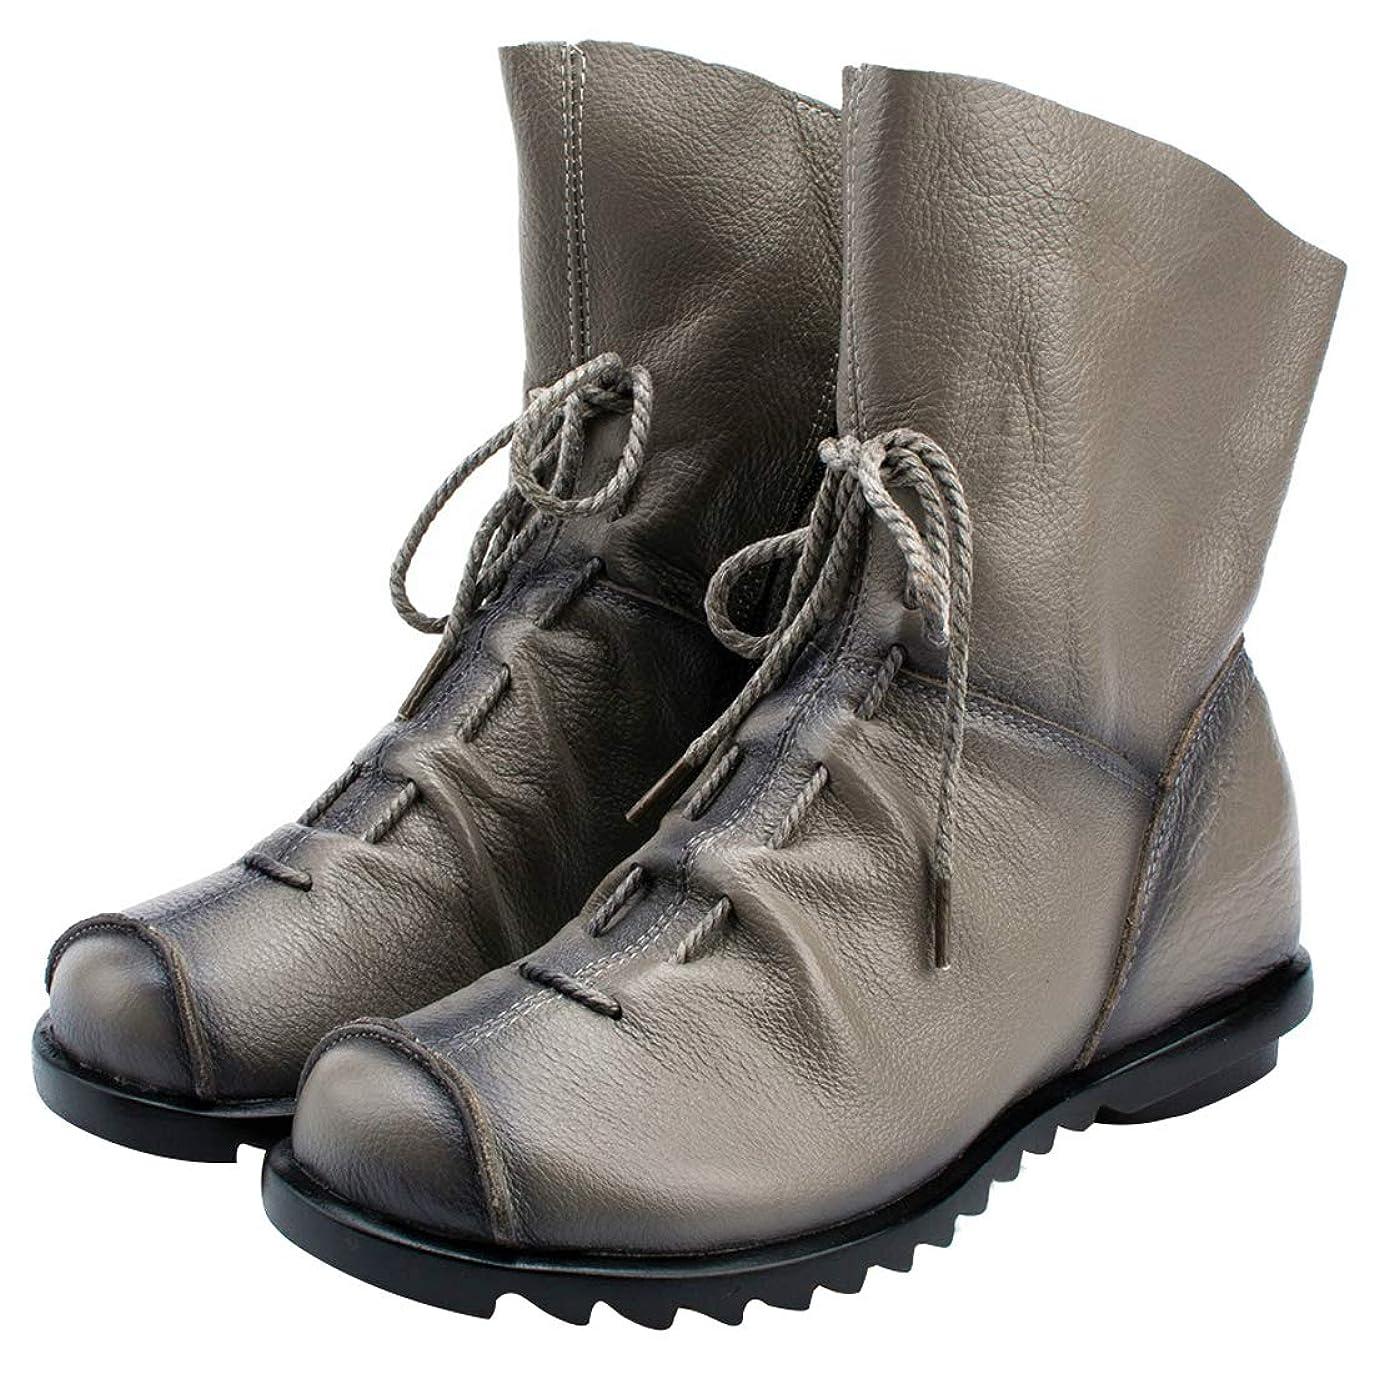 留まる描写スイス人[のグレープフルーツ プラム] レディース 新しい ショートの 本革ブーツ 学生は ブーツ マーティンブーツ(内で増加した) サイド ジッパー ハイヒールブーツ 大きなサイズ 4色 22.5-26.0